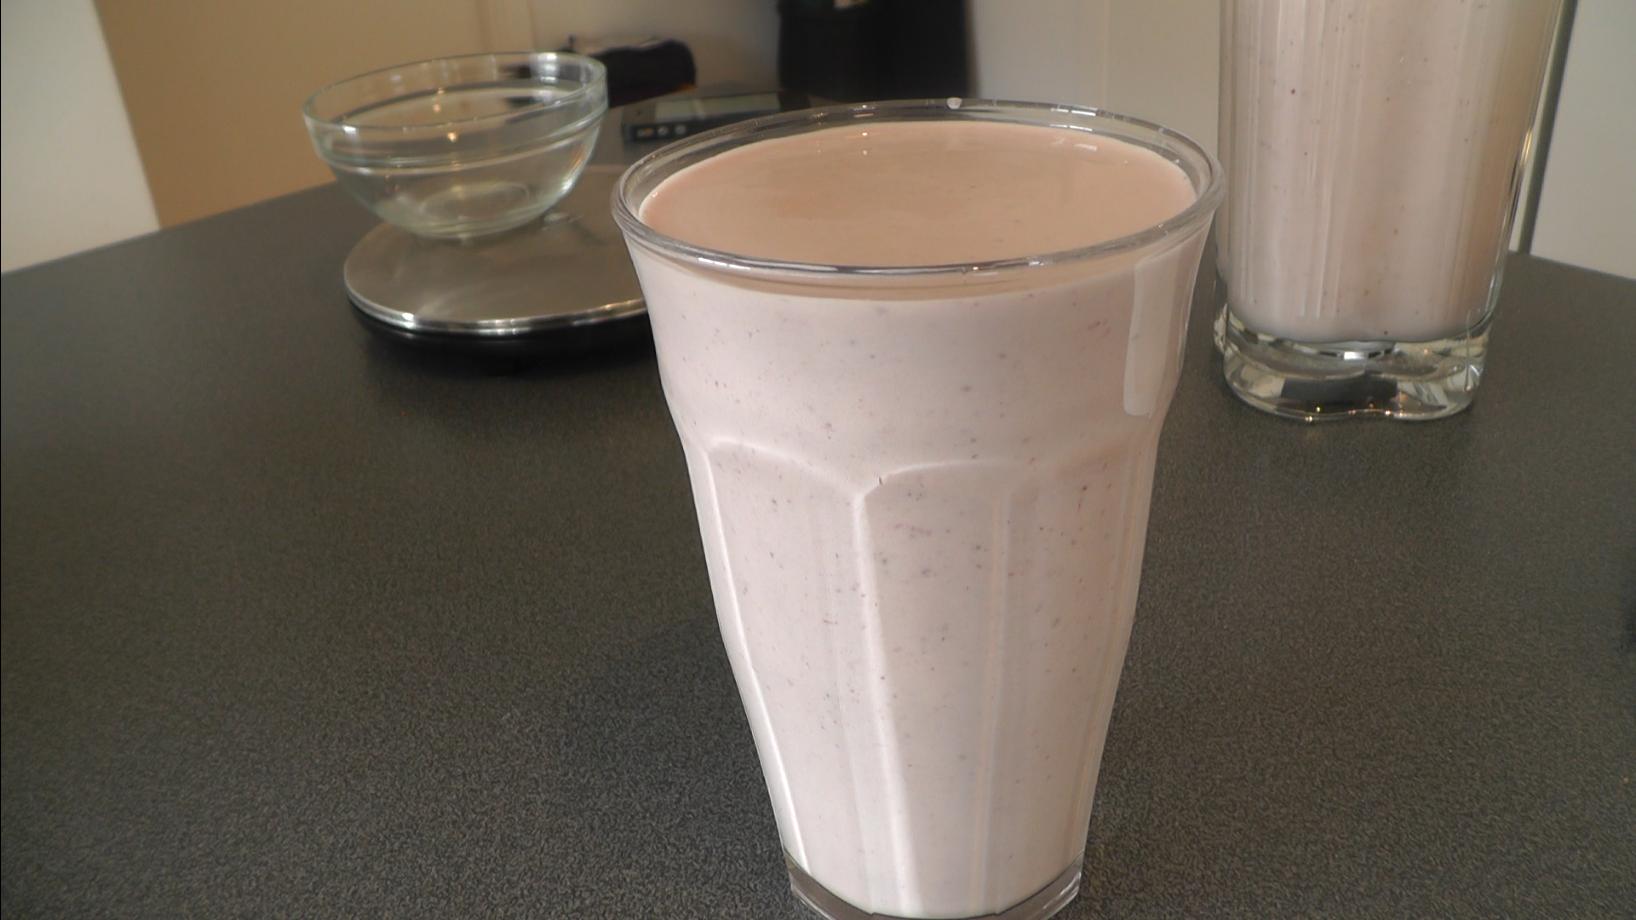 Celestine viser hvordan man laver en lækker tyk protein-milkshake med jordbær. Der bruges proteinpulver i opskriften, for at boose proteinindholdet, så man får et lækker milkshake der kan bruges før eller efter træning.  Proteinpulveret hun bruger stammer fra http://www.bodylab.dk - danskproduceret proteinpulver i kompromisløs kvalitet.  Ingredienser:  40 g BodyLab Whey 100 med vanille 2 dl kokosmælk 100 g Frosne øko-jordbær 10 g Bodylab Strø